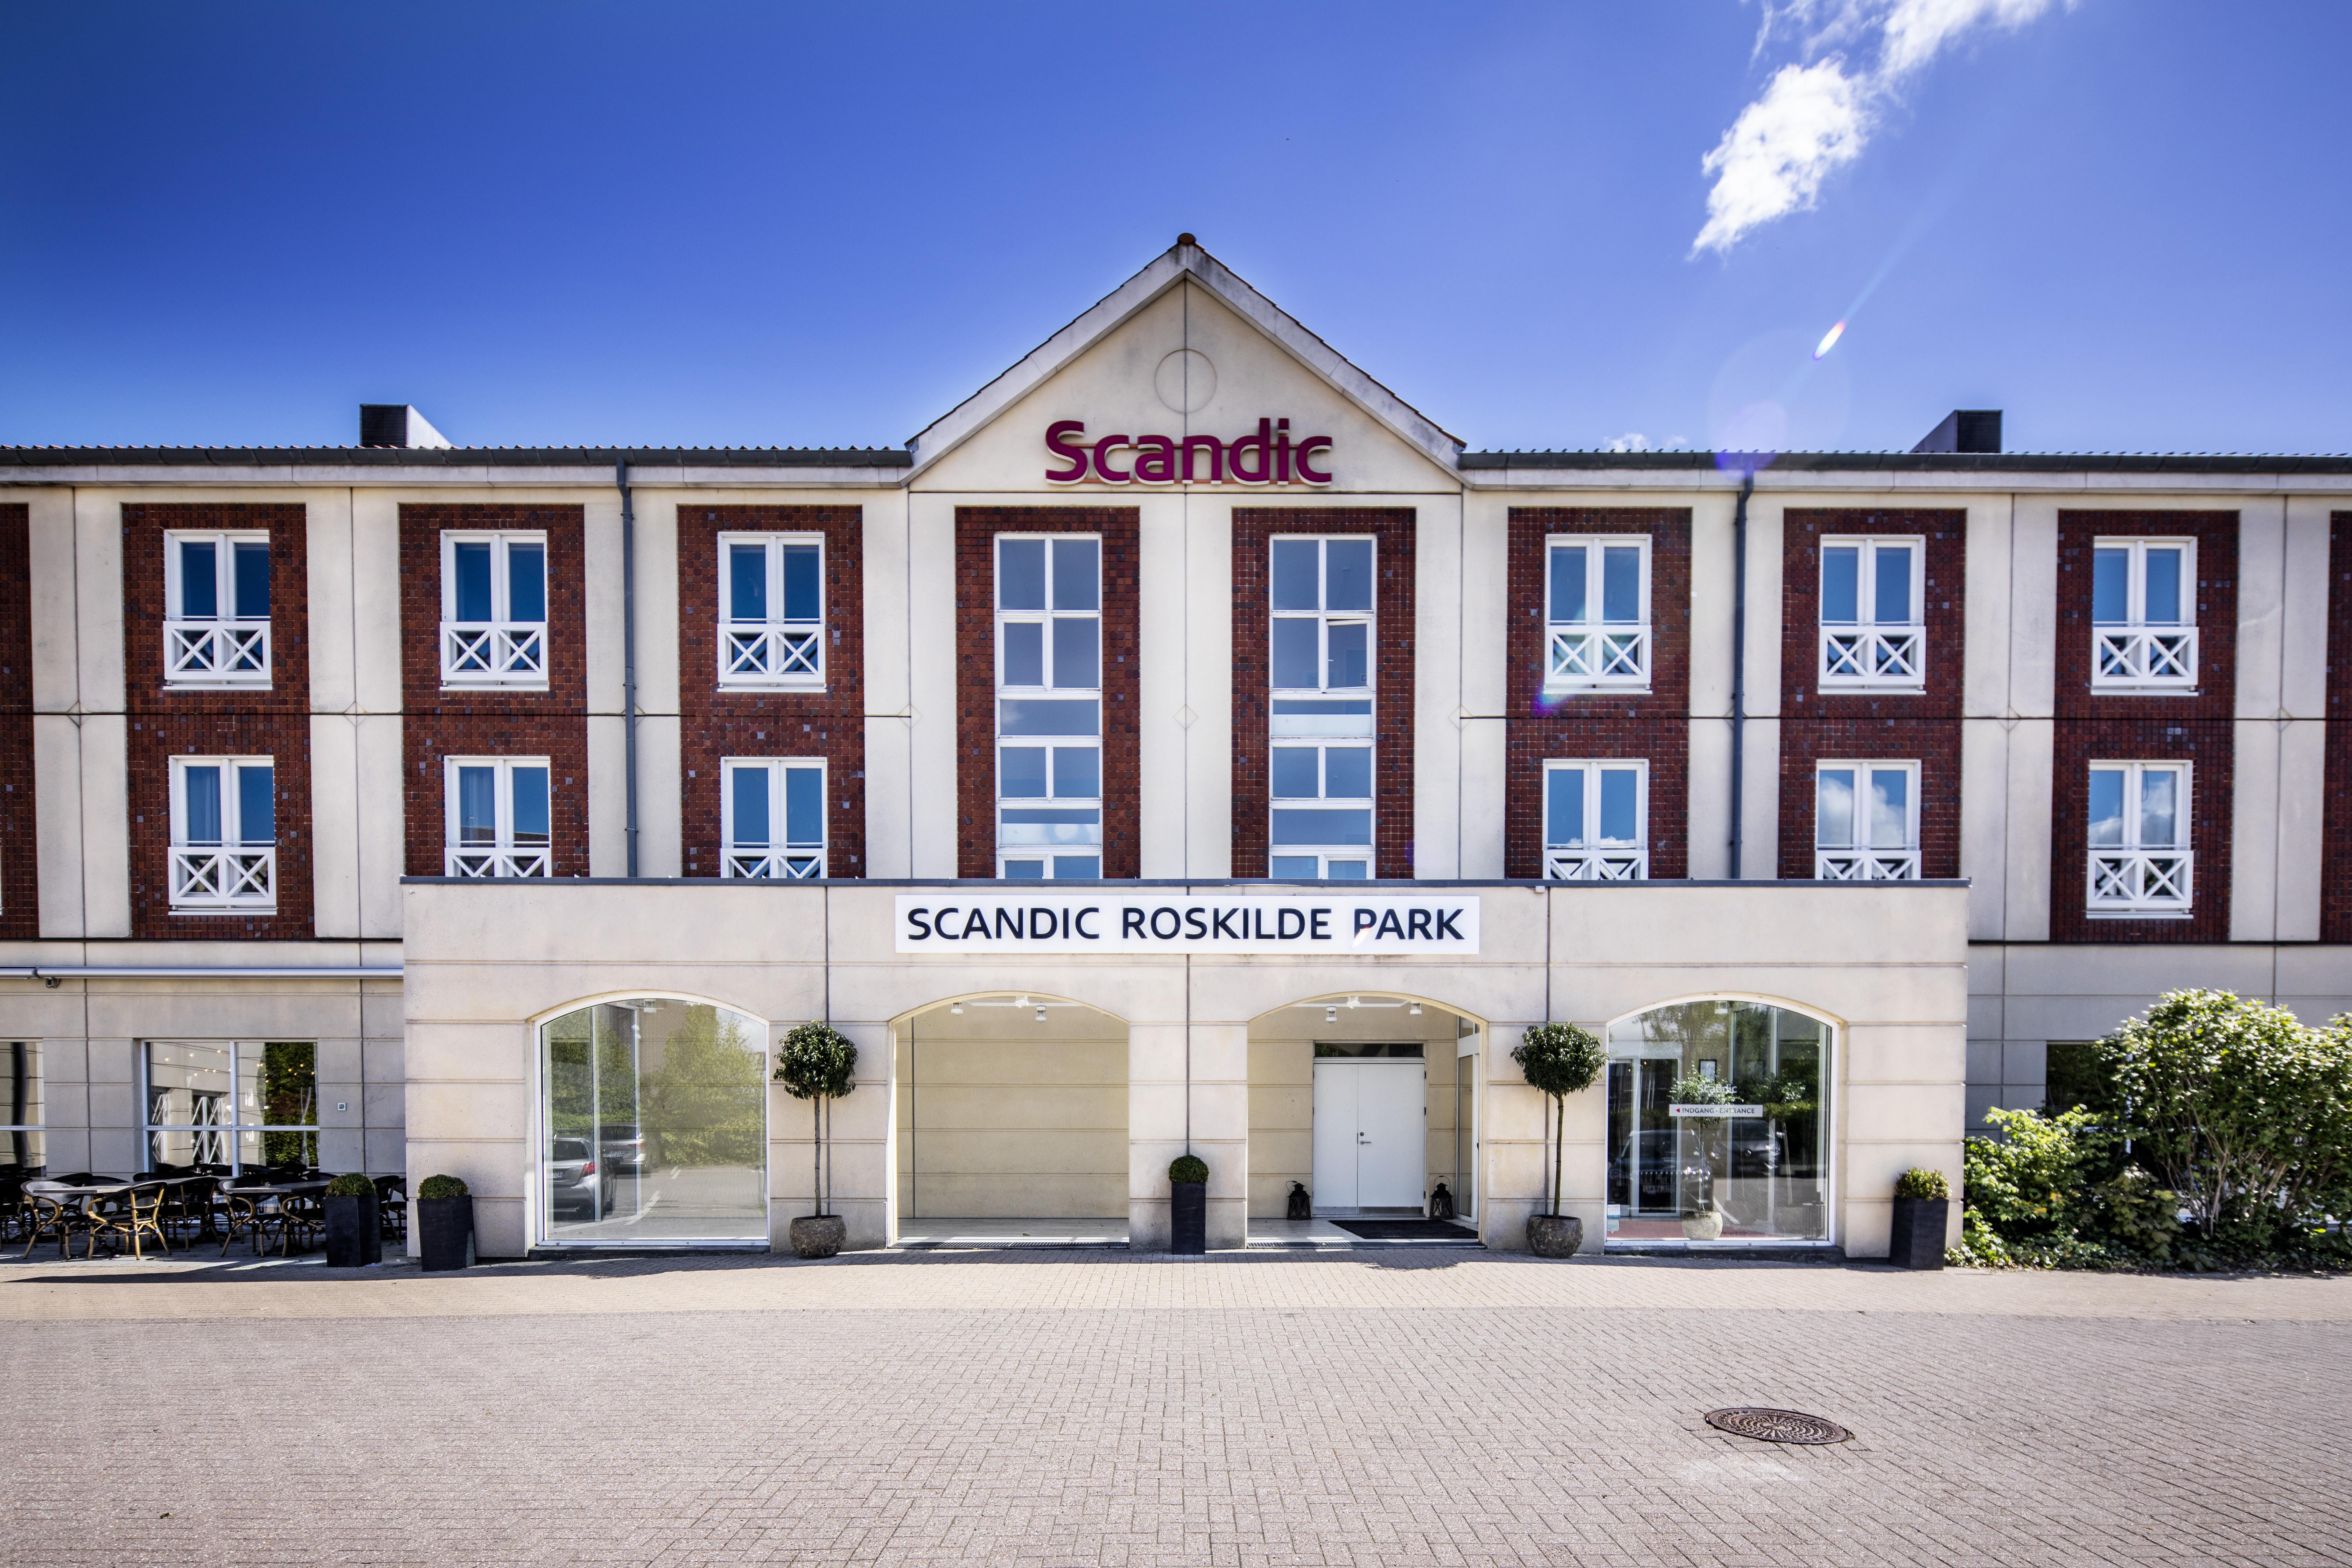 Sådan ser den nye facade ud på Scandic Roskilde Park, der i morgen, fredag, afslutter sin store renovering ligesom det i morgen er 30 år siden hotelbygningen blev taget i brug. Foto: Scandic Hotels.